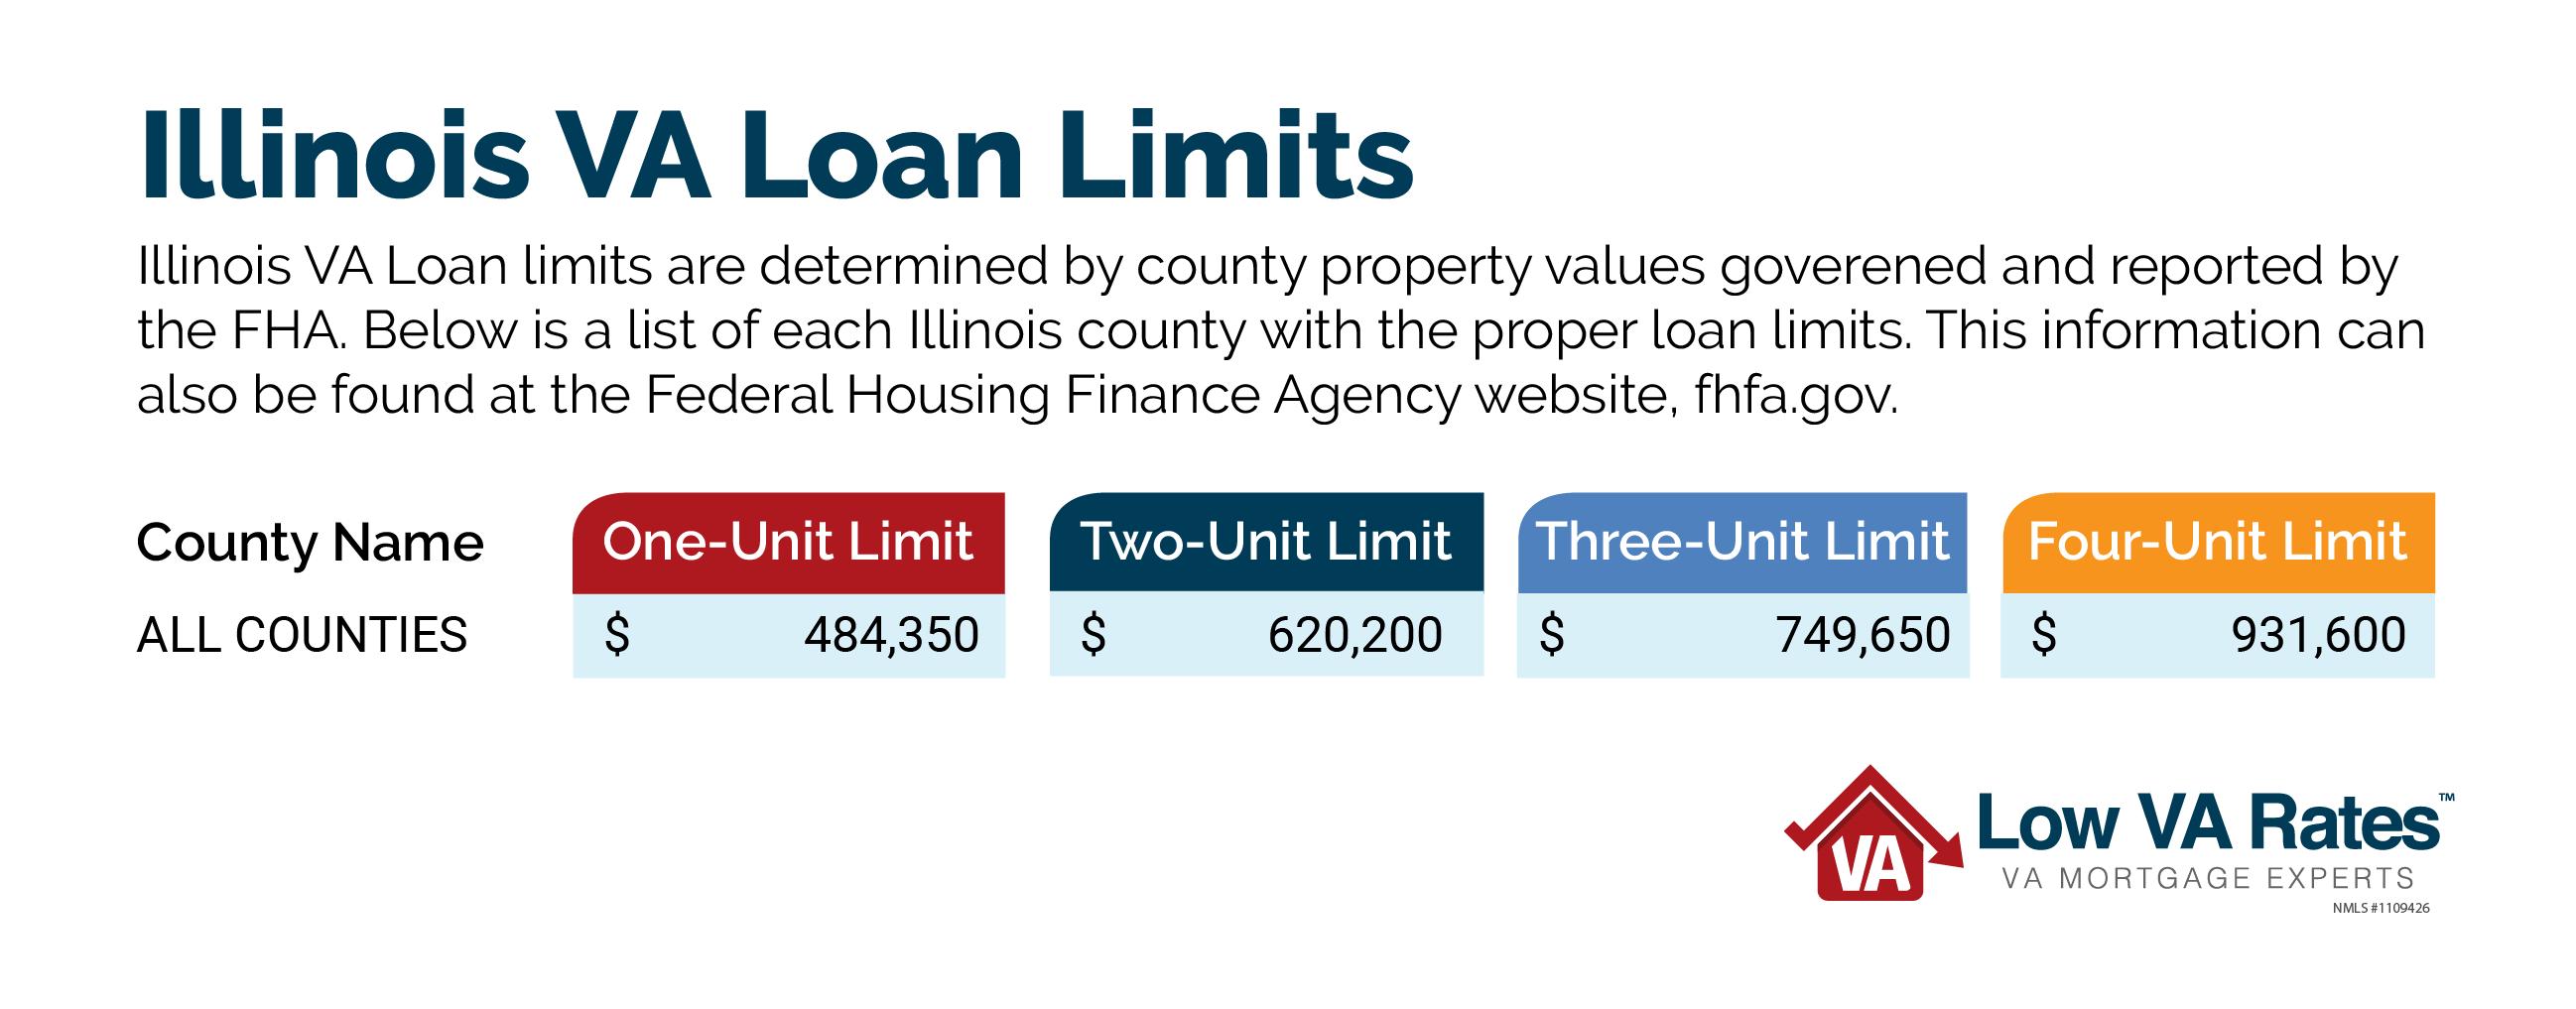 Illinois Veteran Benefits   VA Loans in Illinois   Low VA Rates